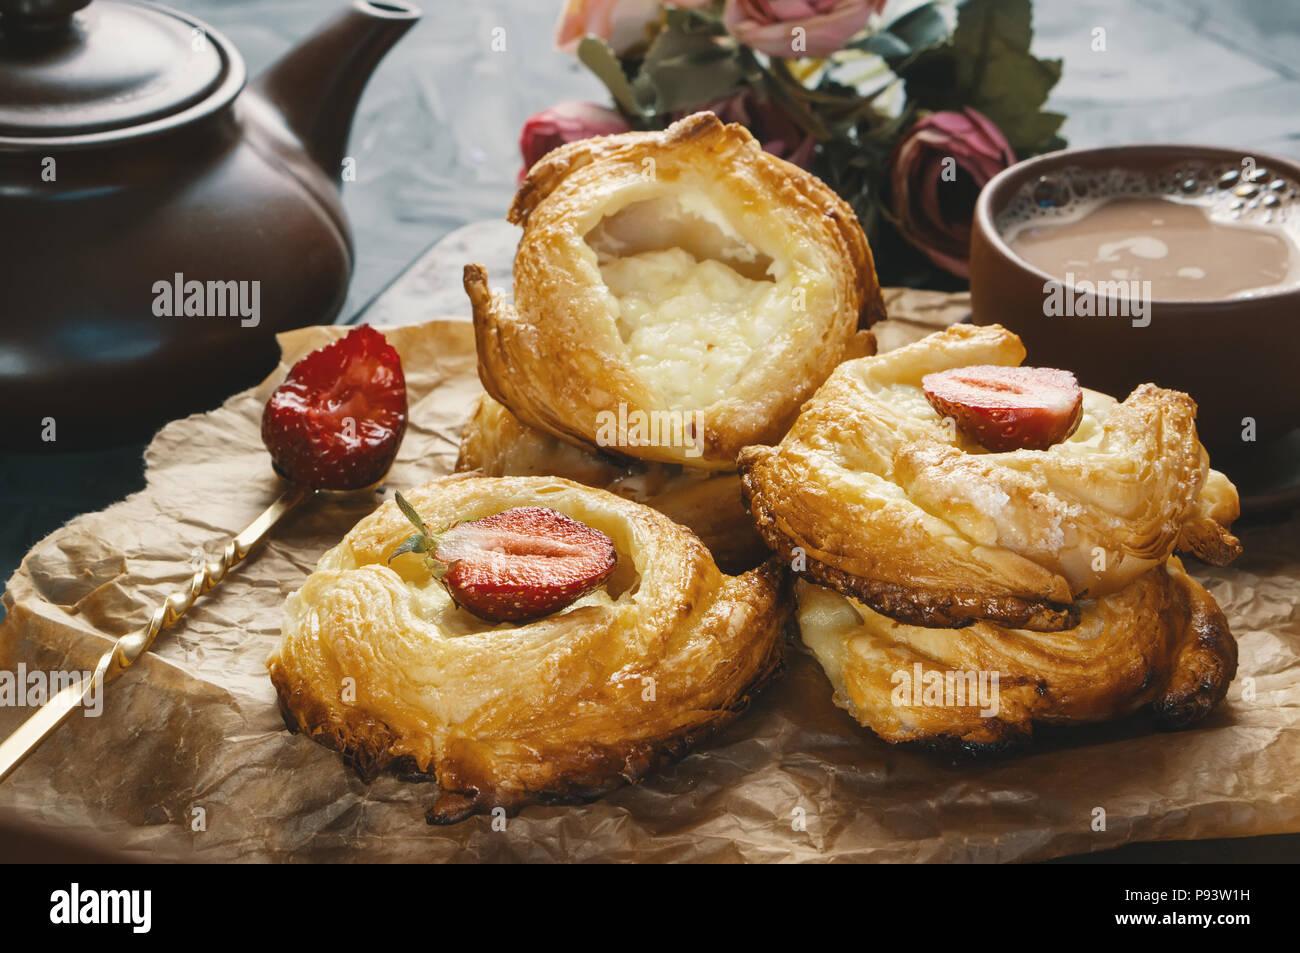 Rotoli di pasta sfoglia e formaggio, fatti in casa europea. Fatti in casa a base di panini per il tè. Immagini Stock